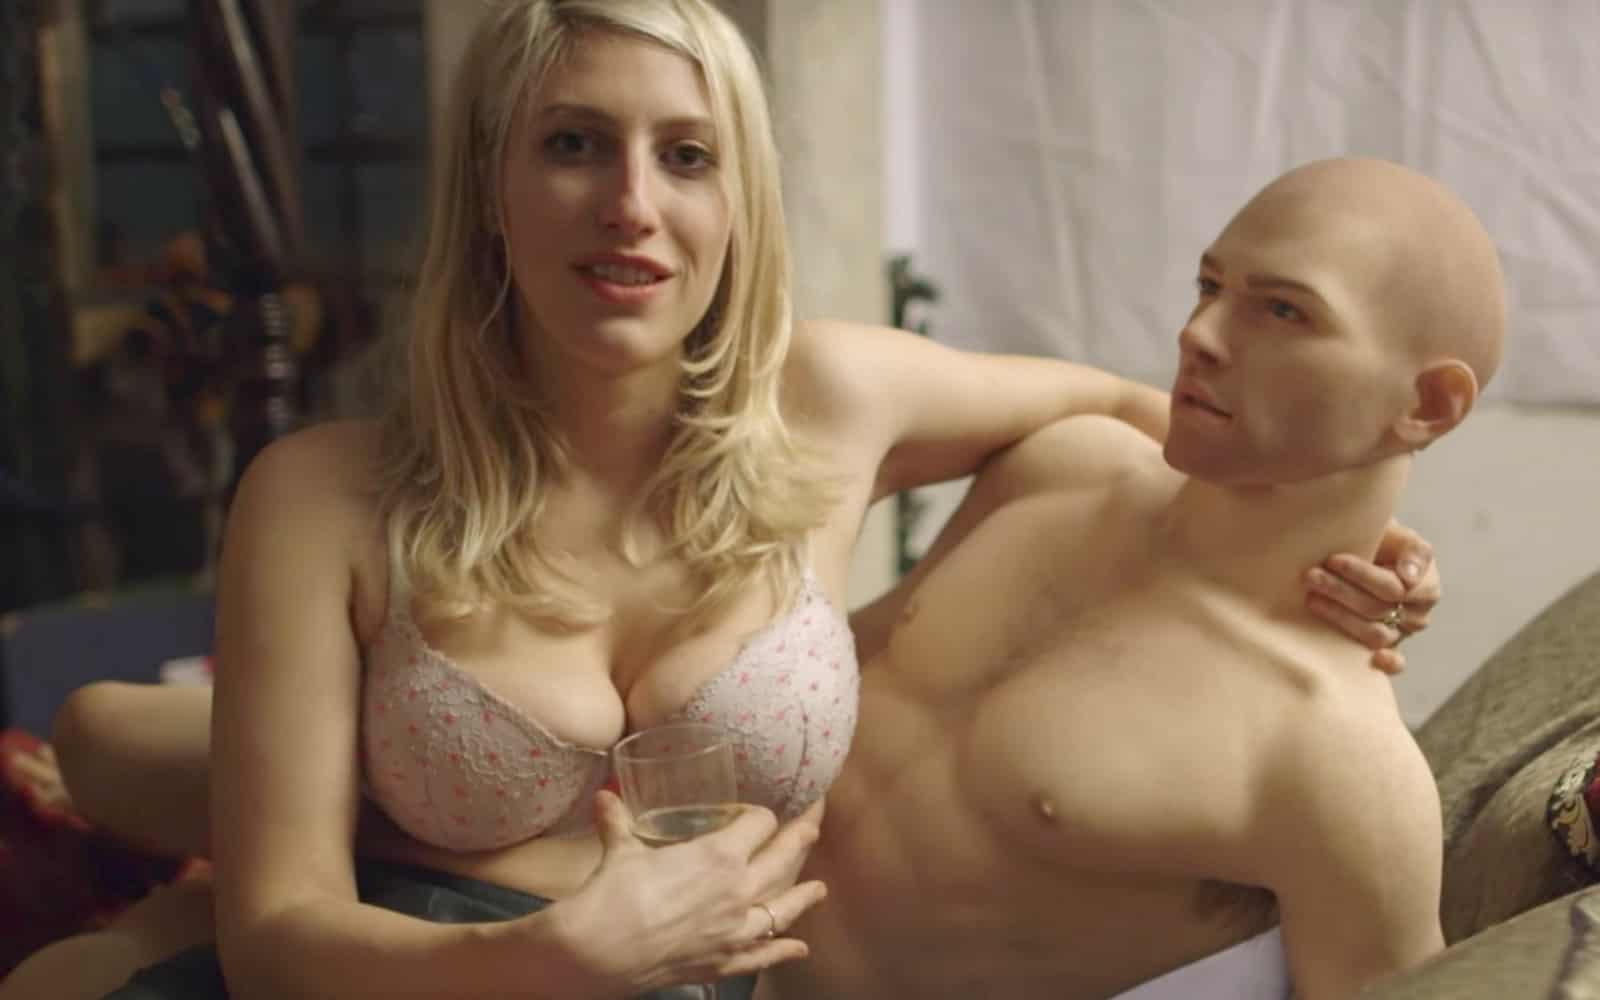 ¿Qué tan recomendable es el sexo con robots?